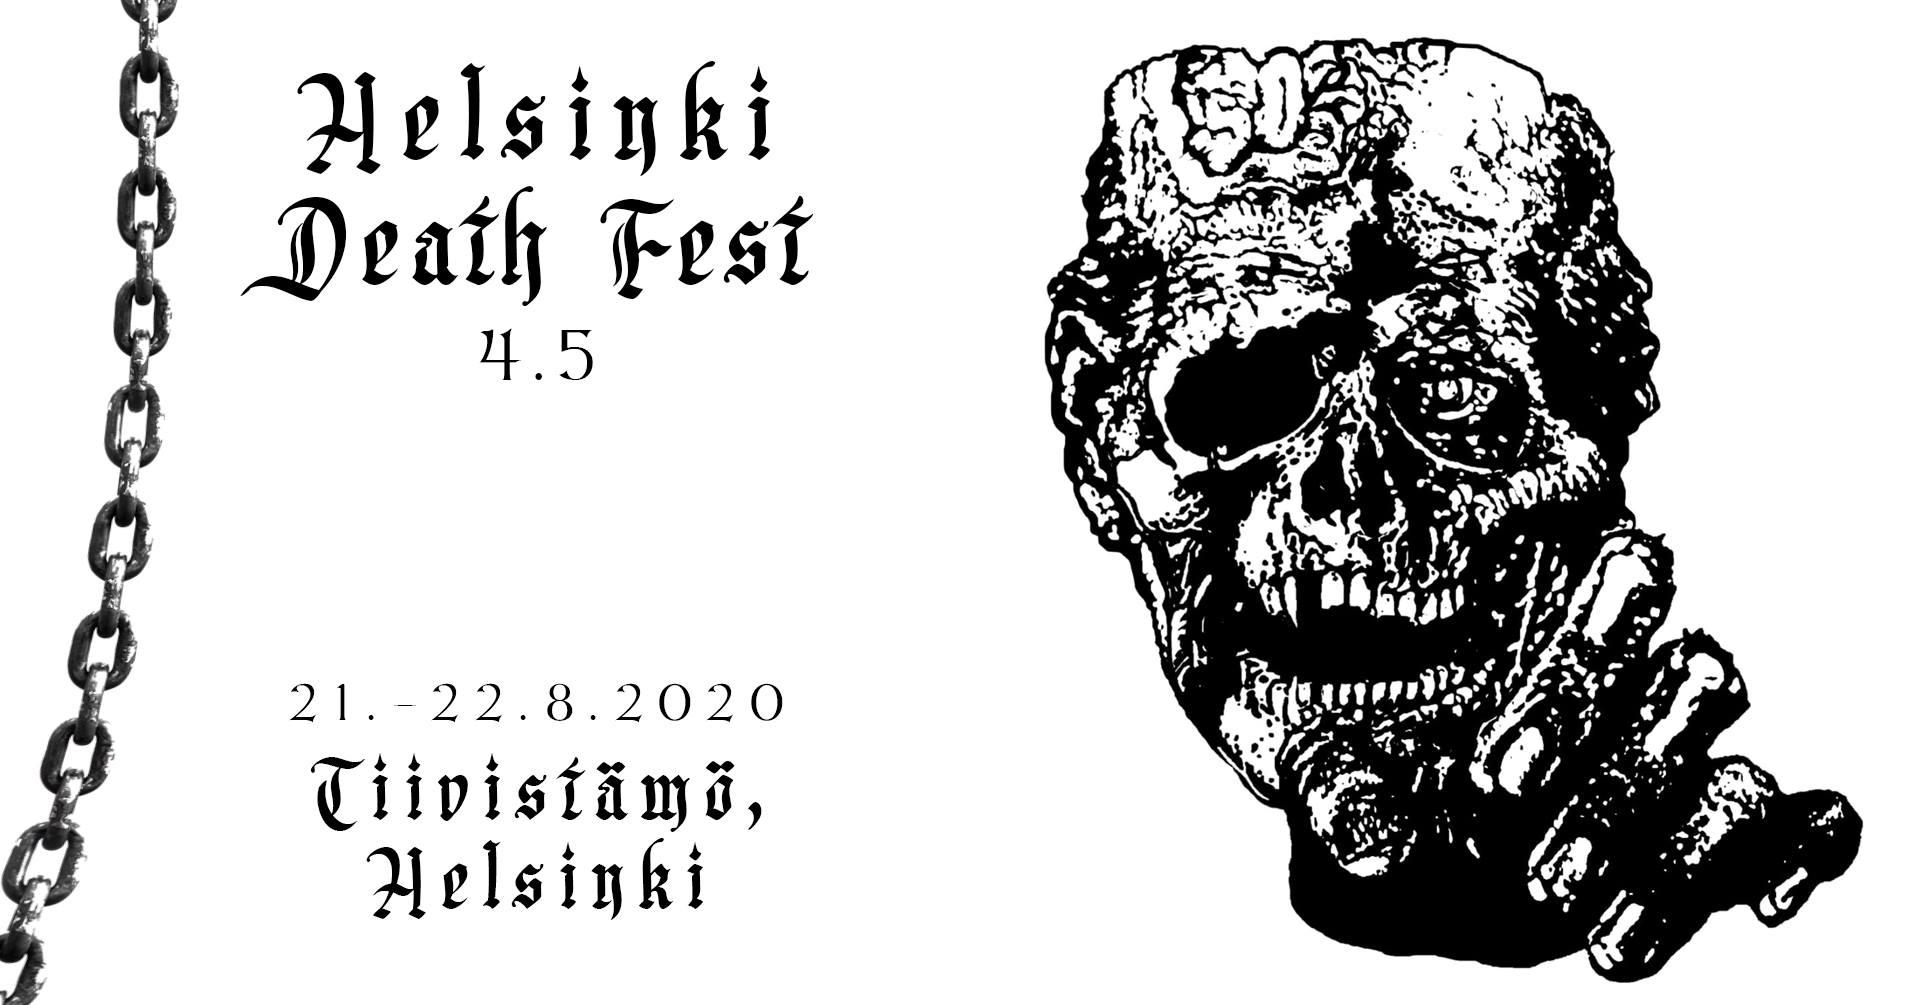 Linkki tapahtumaan Helsinki Death Fest 4.5